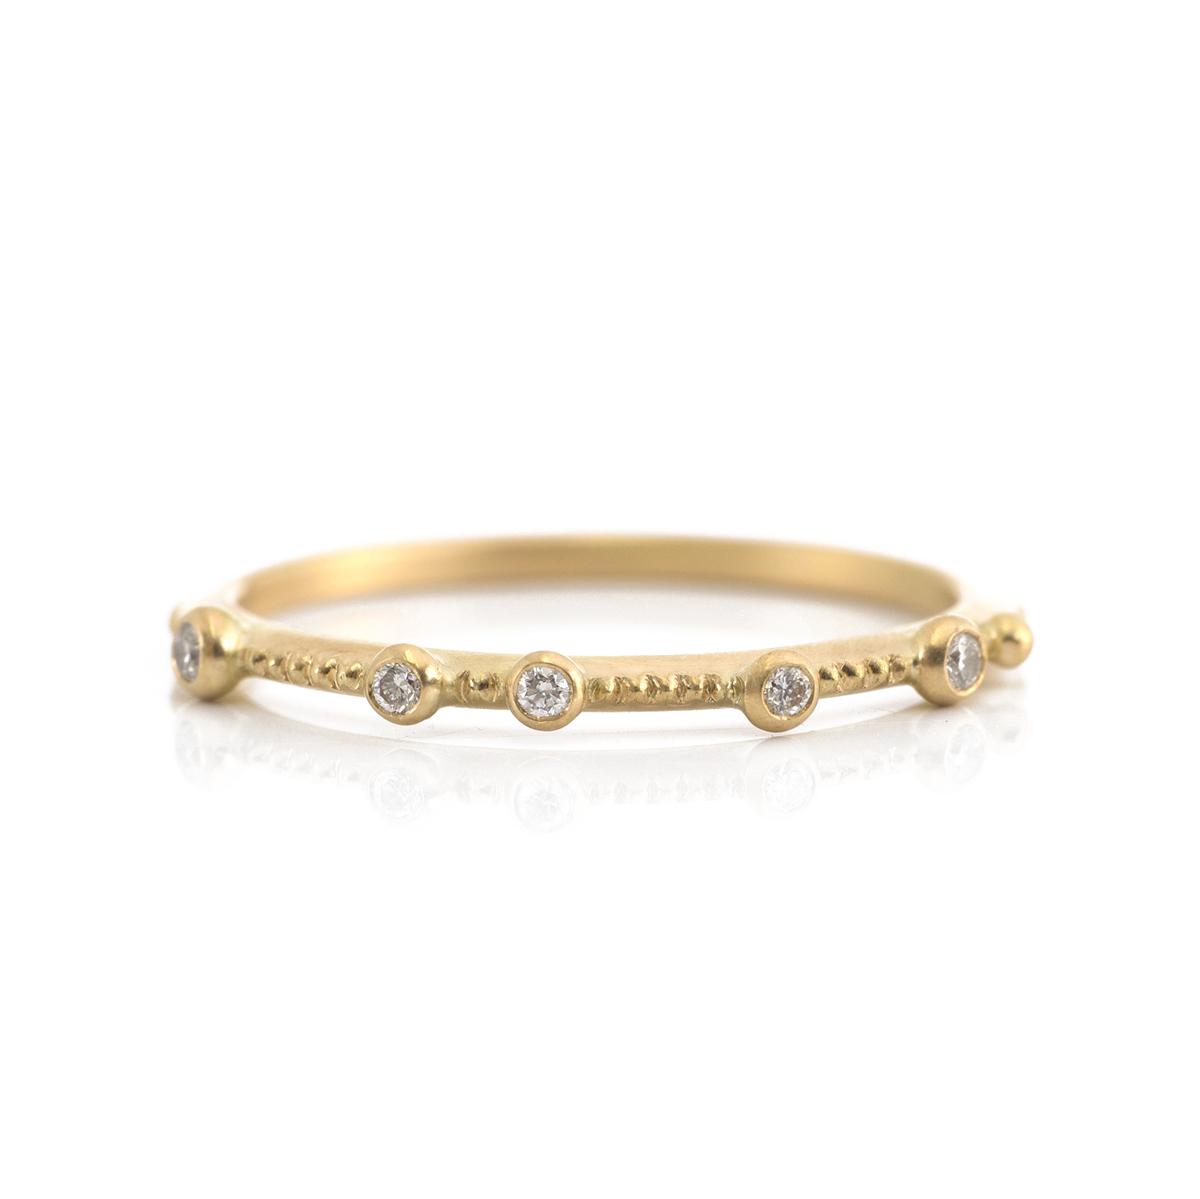 オーダーメイドマリッジリング ゴールド、ダイヤモンド 屋久島の雨モチーフ 屋久島で作る結婚指輪